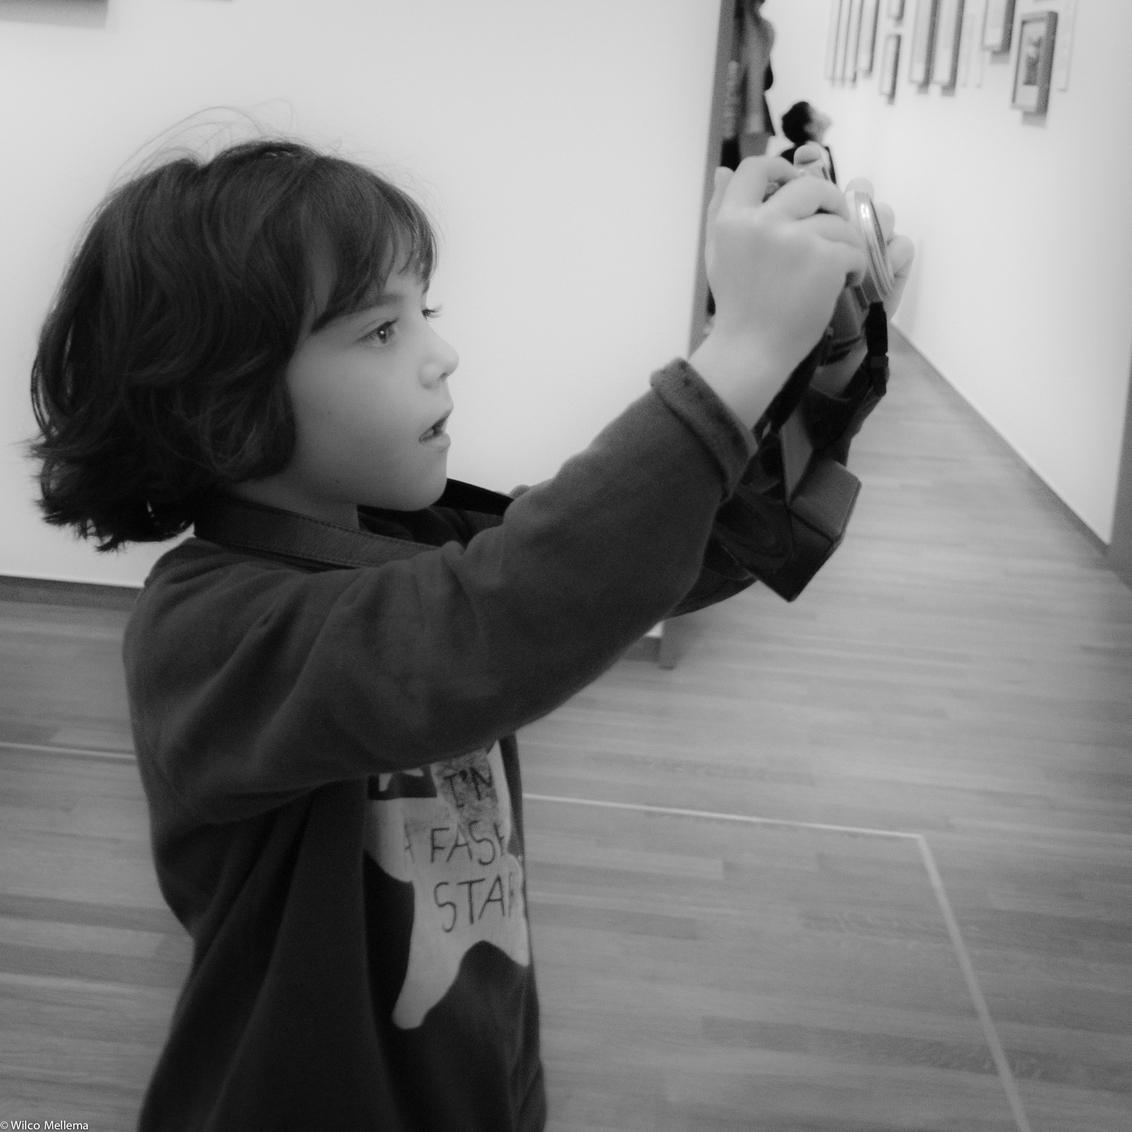 Foto van een foto - Een klein meisje is tijdens een tentoonstelling in het Rijksmuseum druk bezig om alle getoonde werken (van een fototentoonstelling) zelf op de foto t - foto door wilcofm op 30-05-2015 - deze foto bevat: mensen, kind, kinderen, meisje, zwartwit